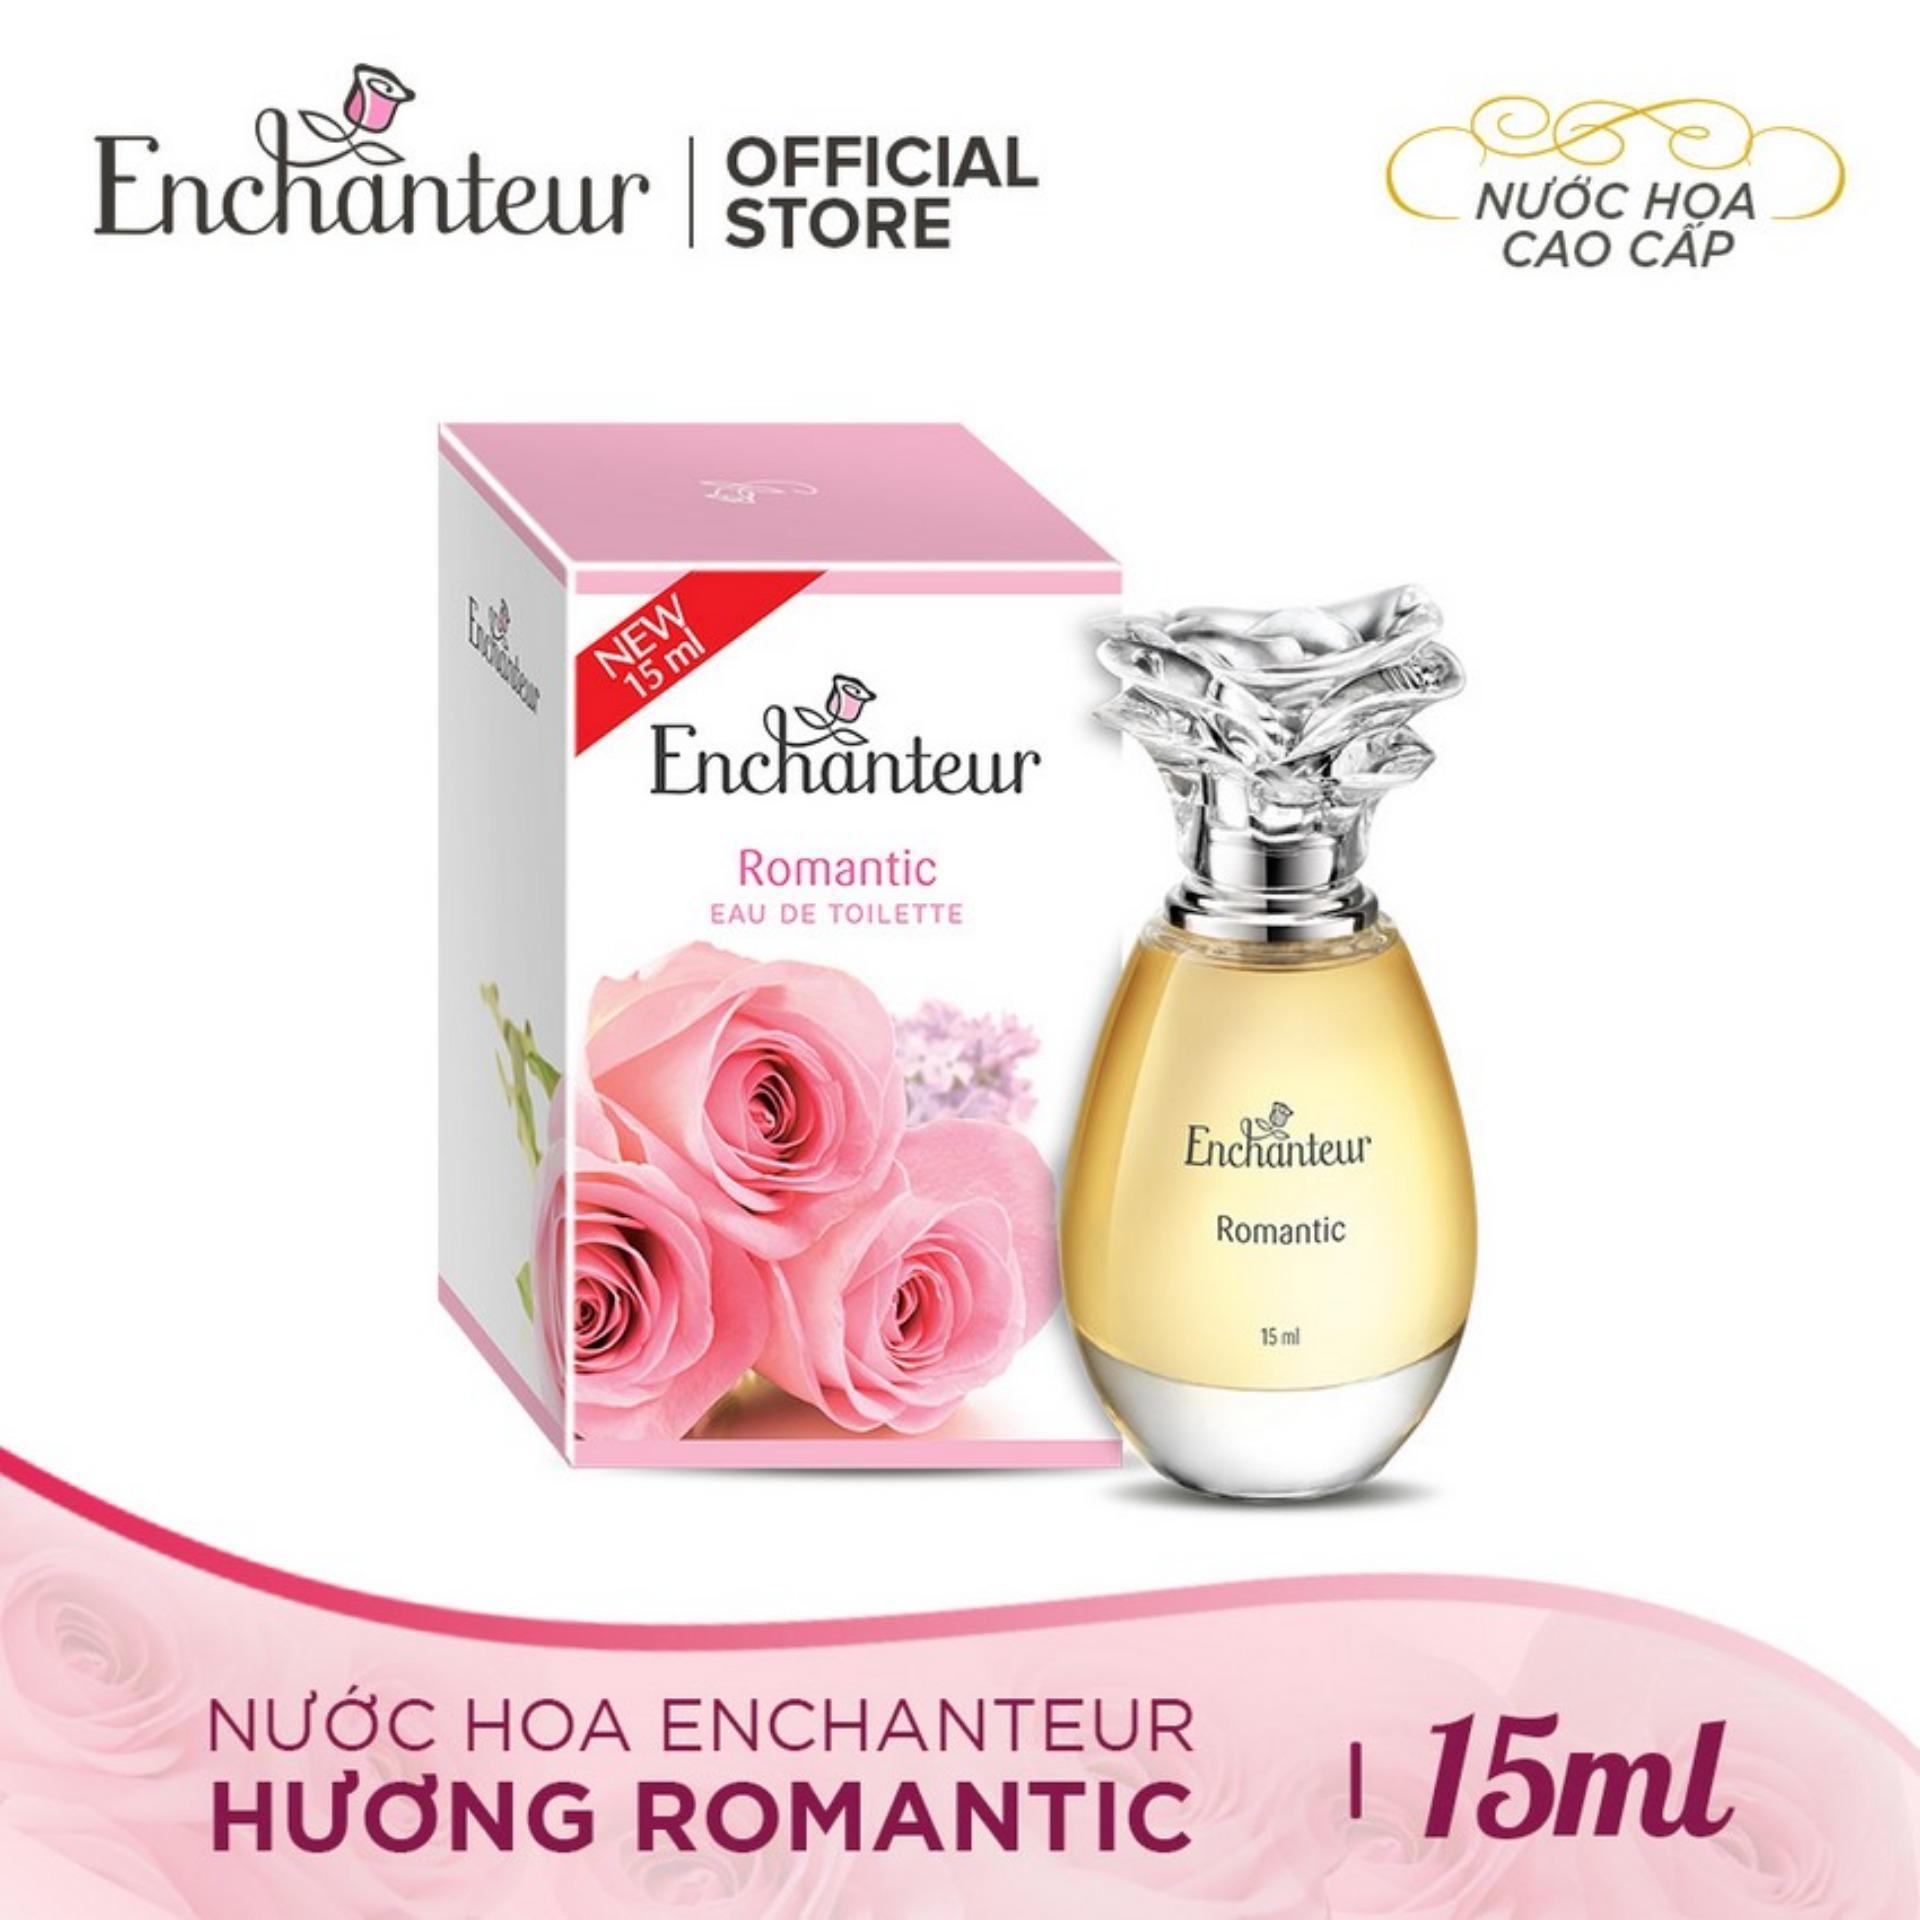 Enchanteur nước hoa cao cấp Romantic 15ml